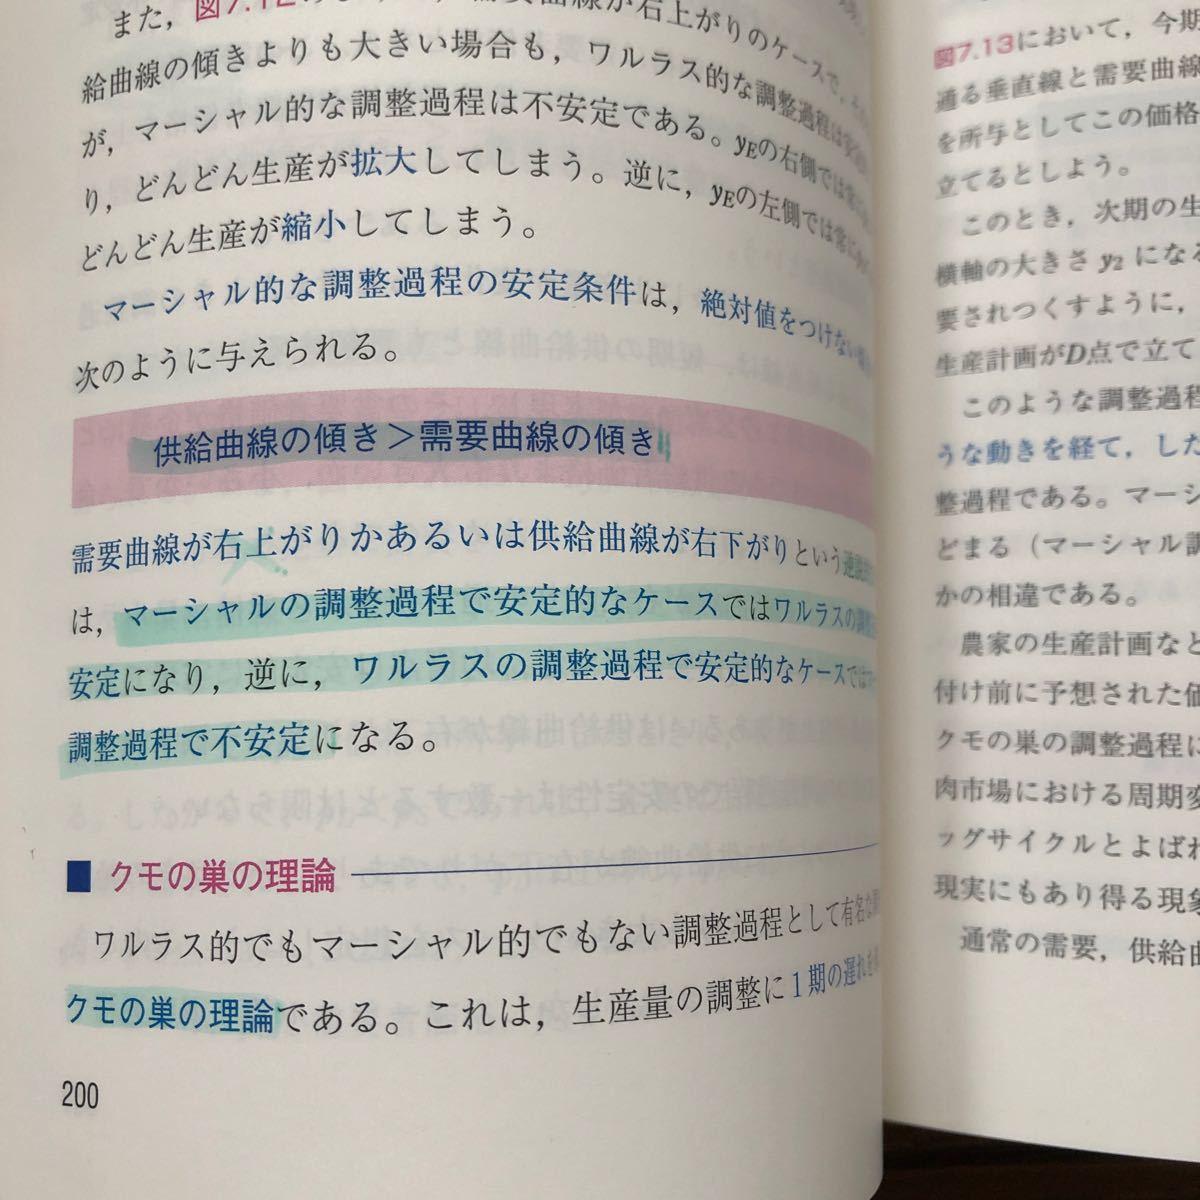 入門ミクロ経済学/井堀利宏 (著者)